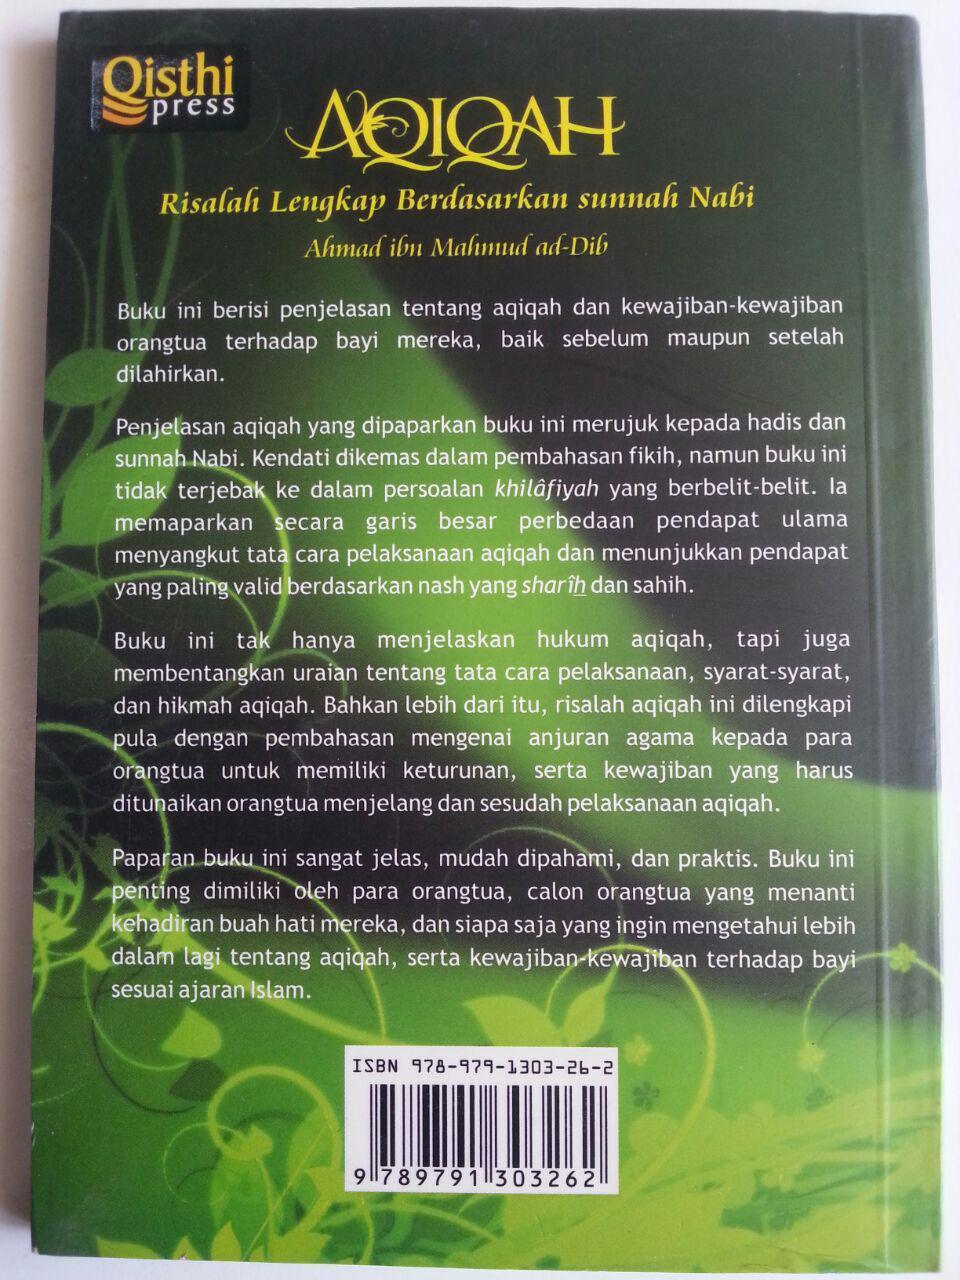 Buku Aqiqah Risalah Lengkap Berdasarkan Sunnah Nabi cover